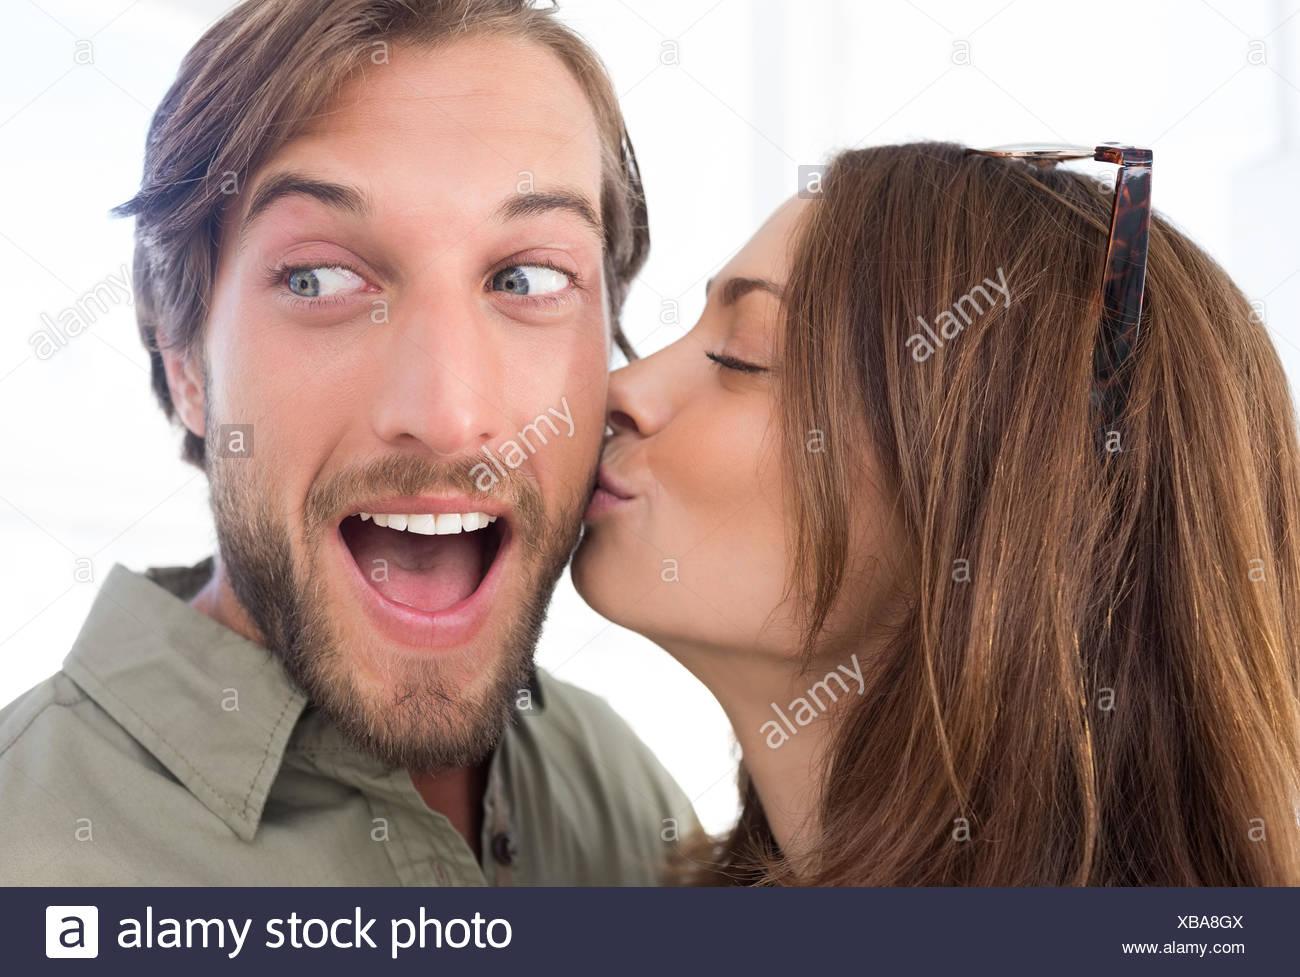 805cd87b6c95b Pretty woman besos hombre con barba en la mejilla foto imagen jpg 1300x977 Besos  de hombre